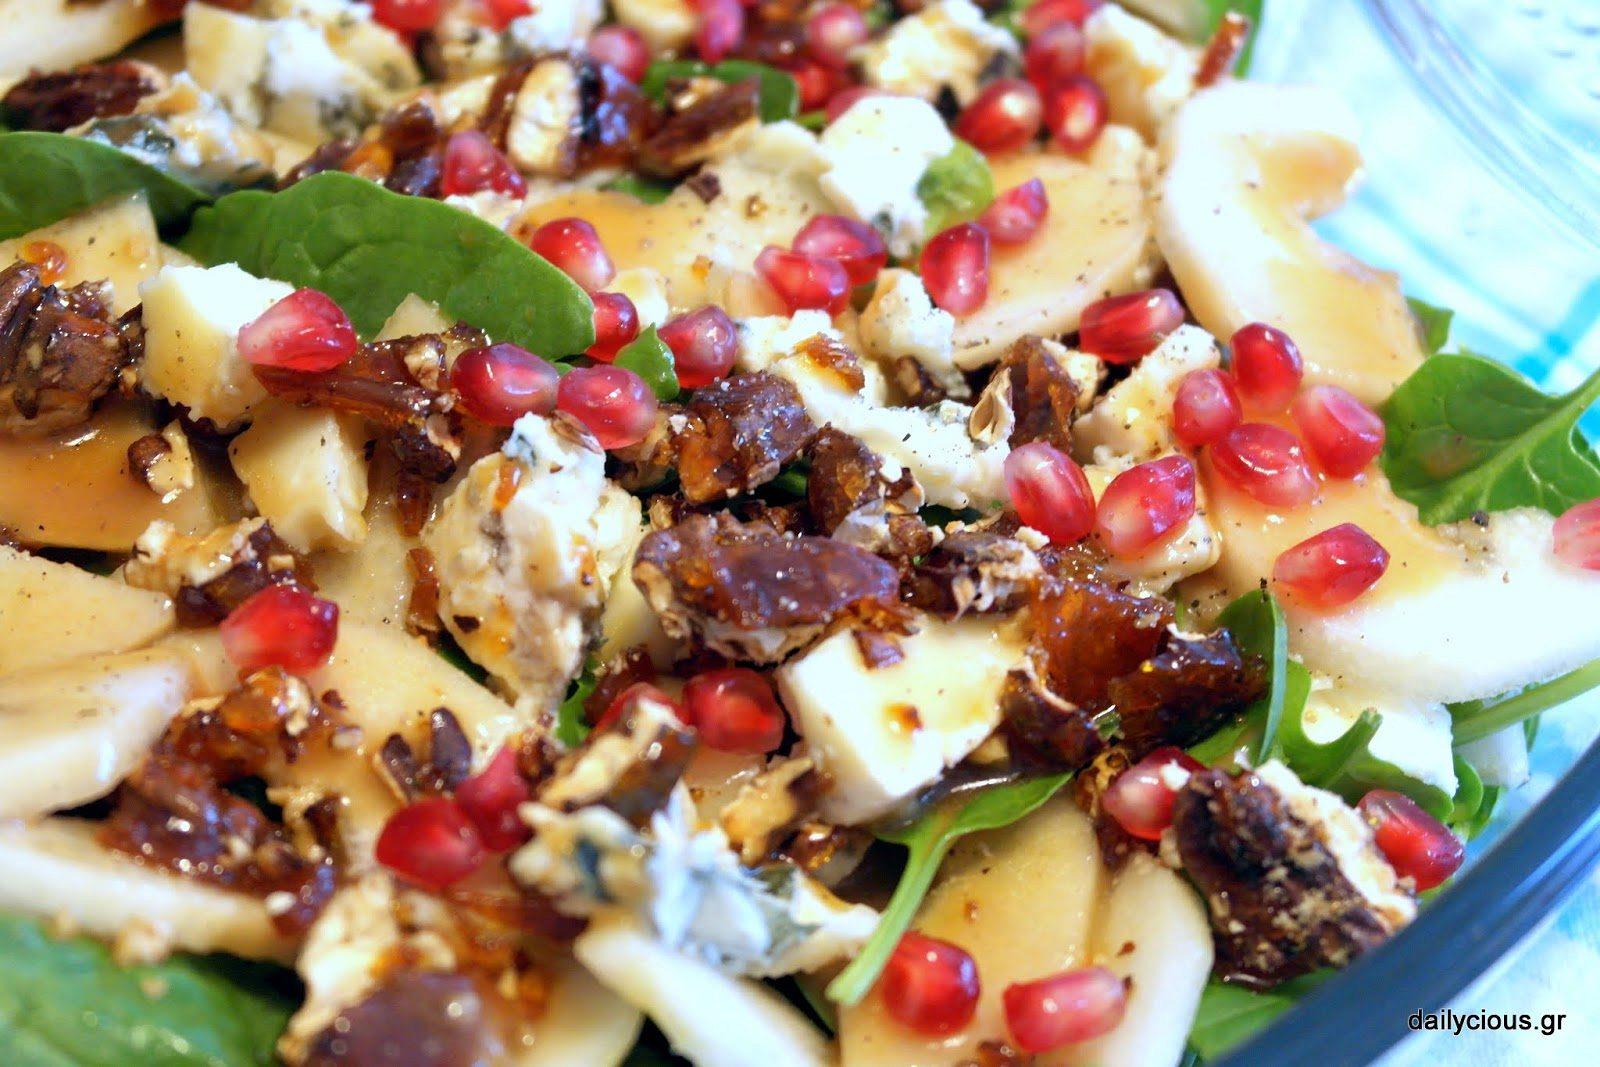 Έτοιμη η σαλάτα με το αχλάδι, το ροκφόρ και τα καραμελωμένα πεκάν (pecan).